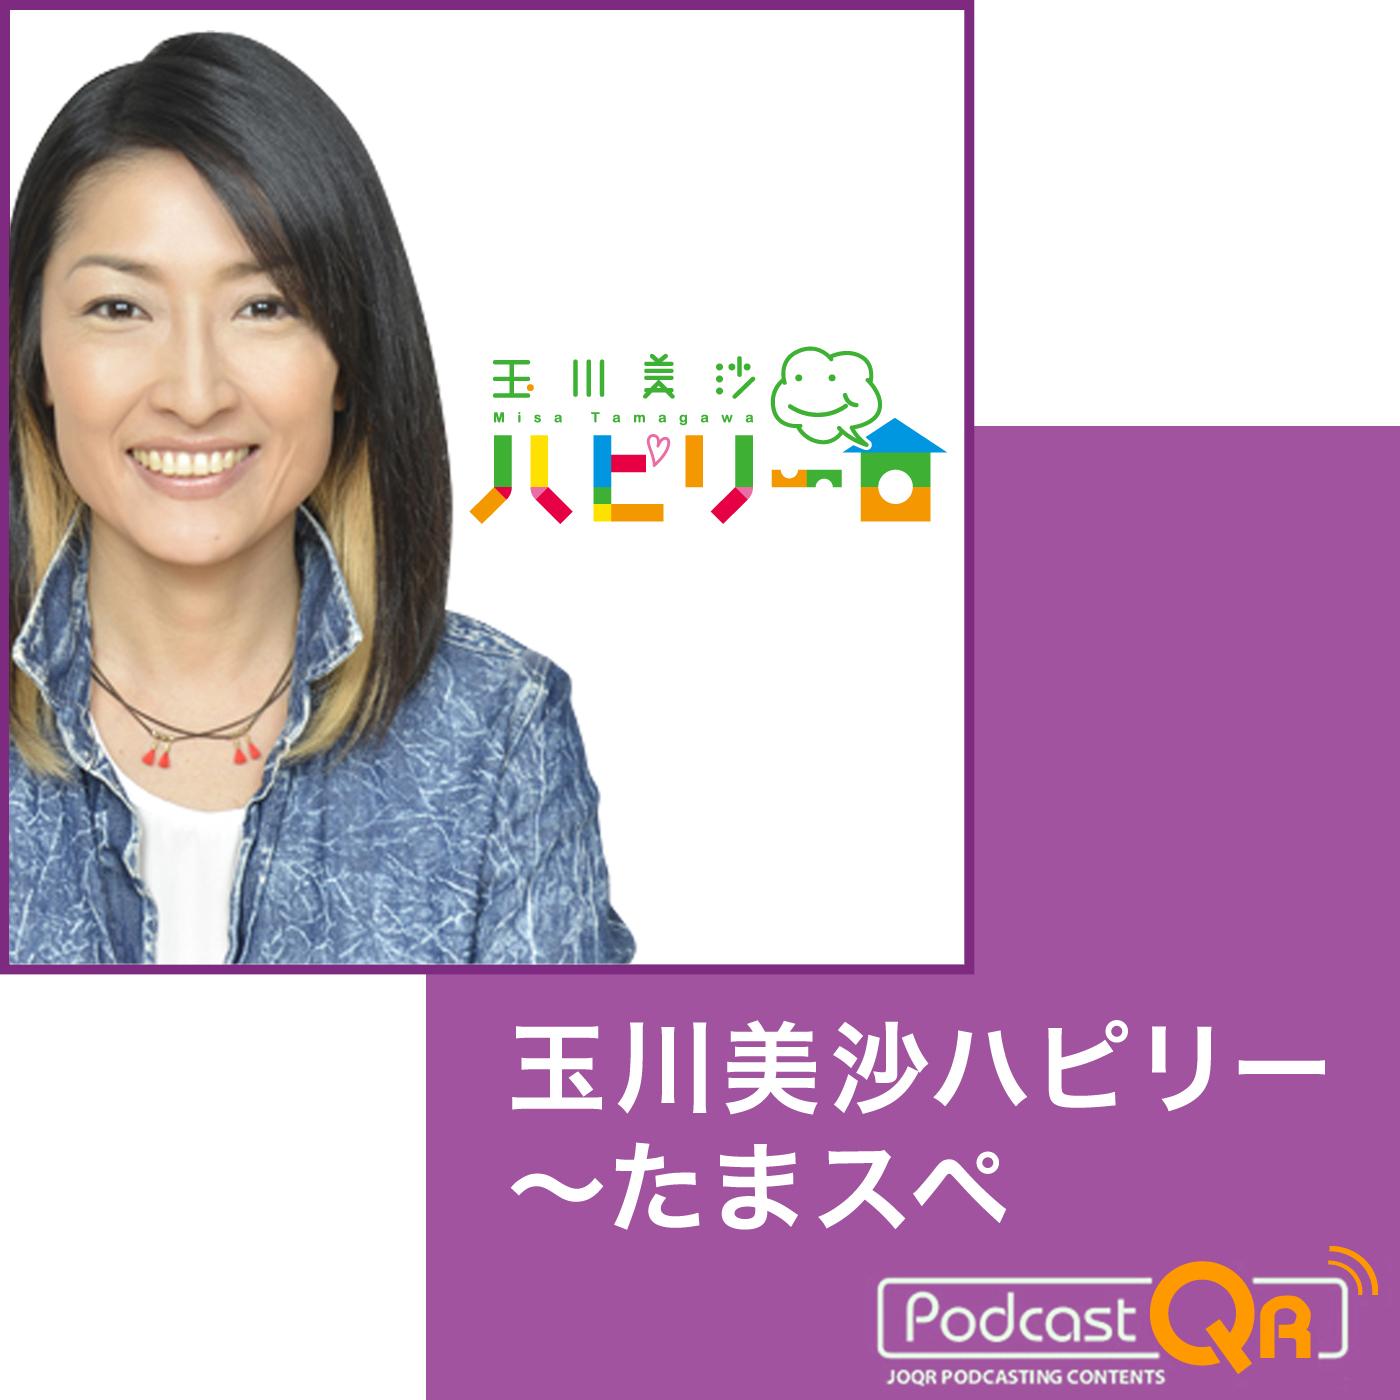 「玉川美沙ハピリー〜たまスペ」